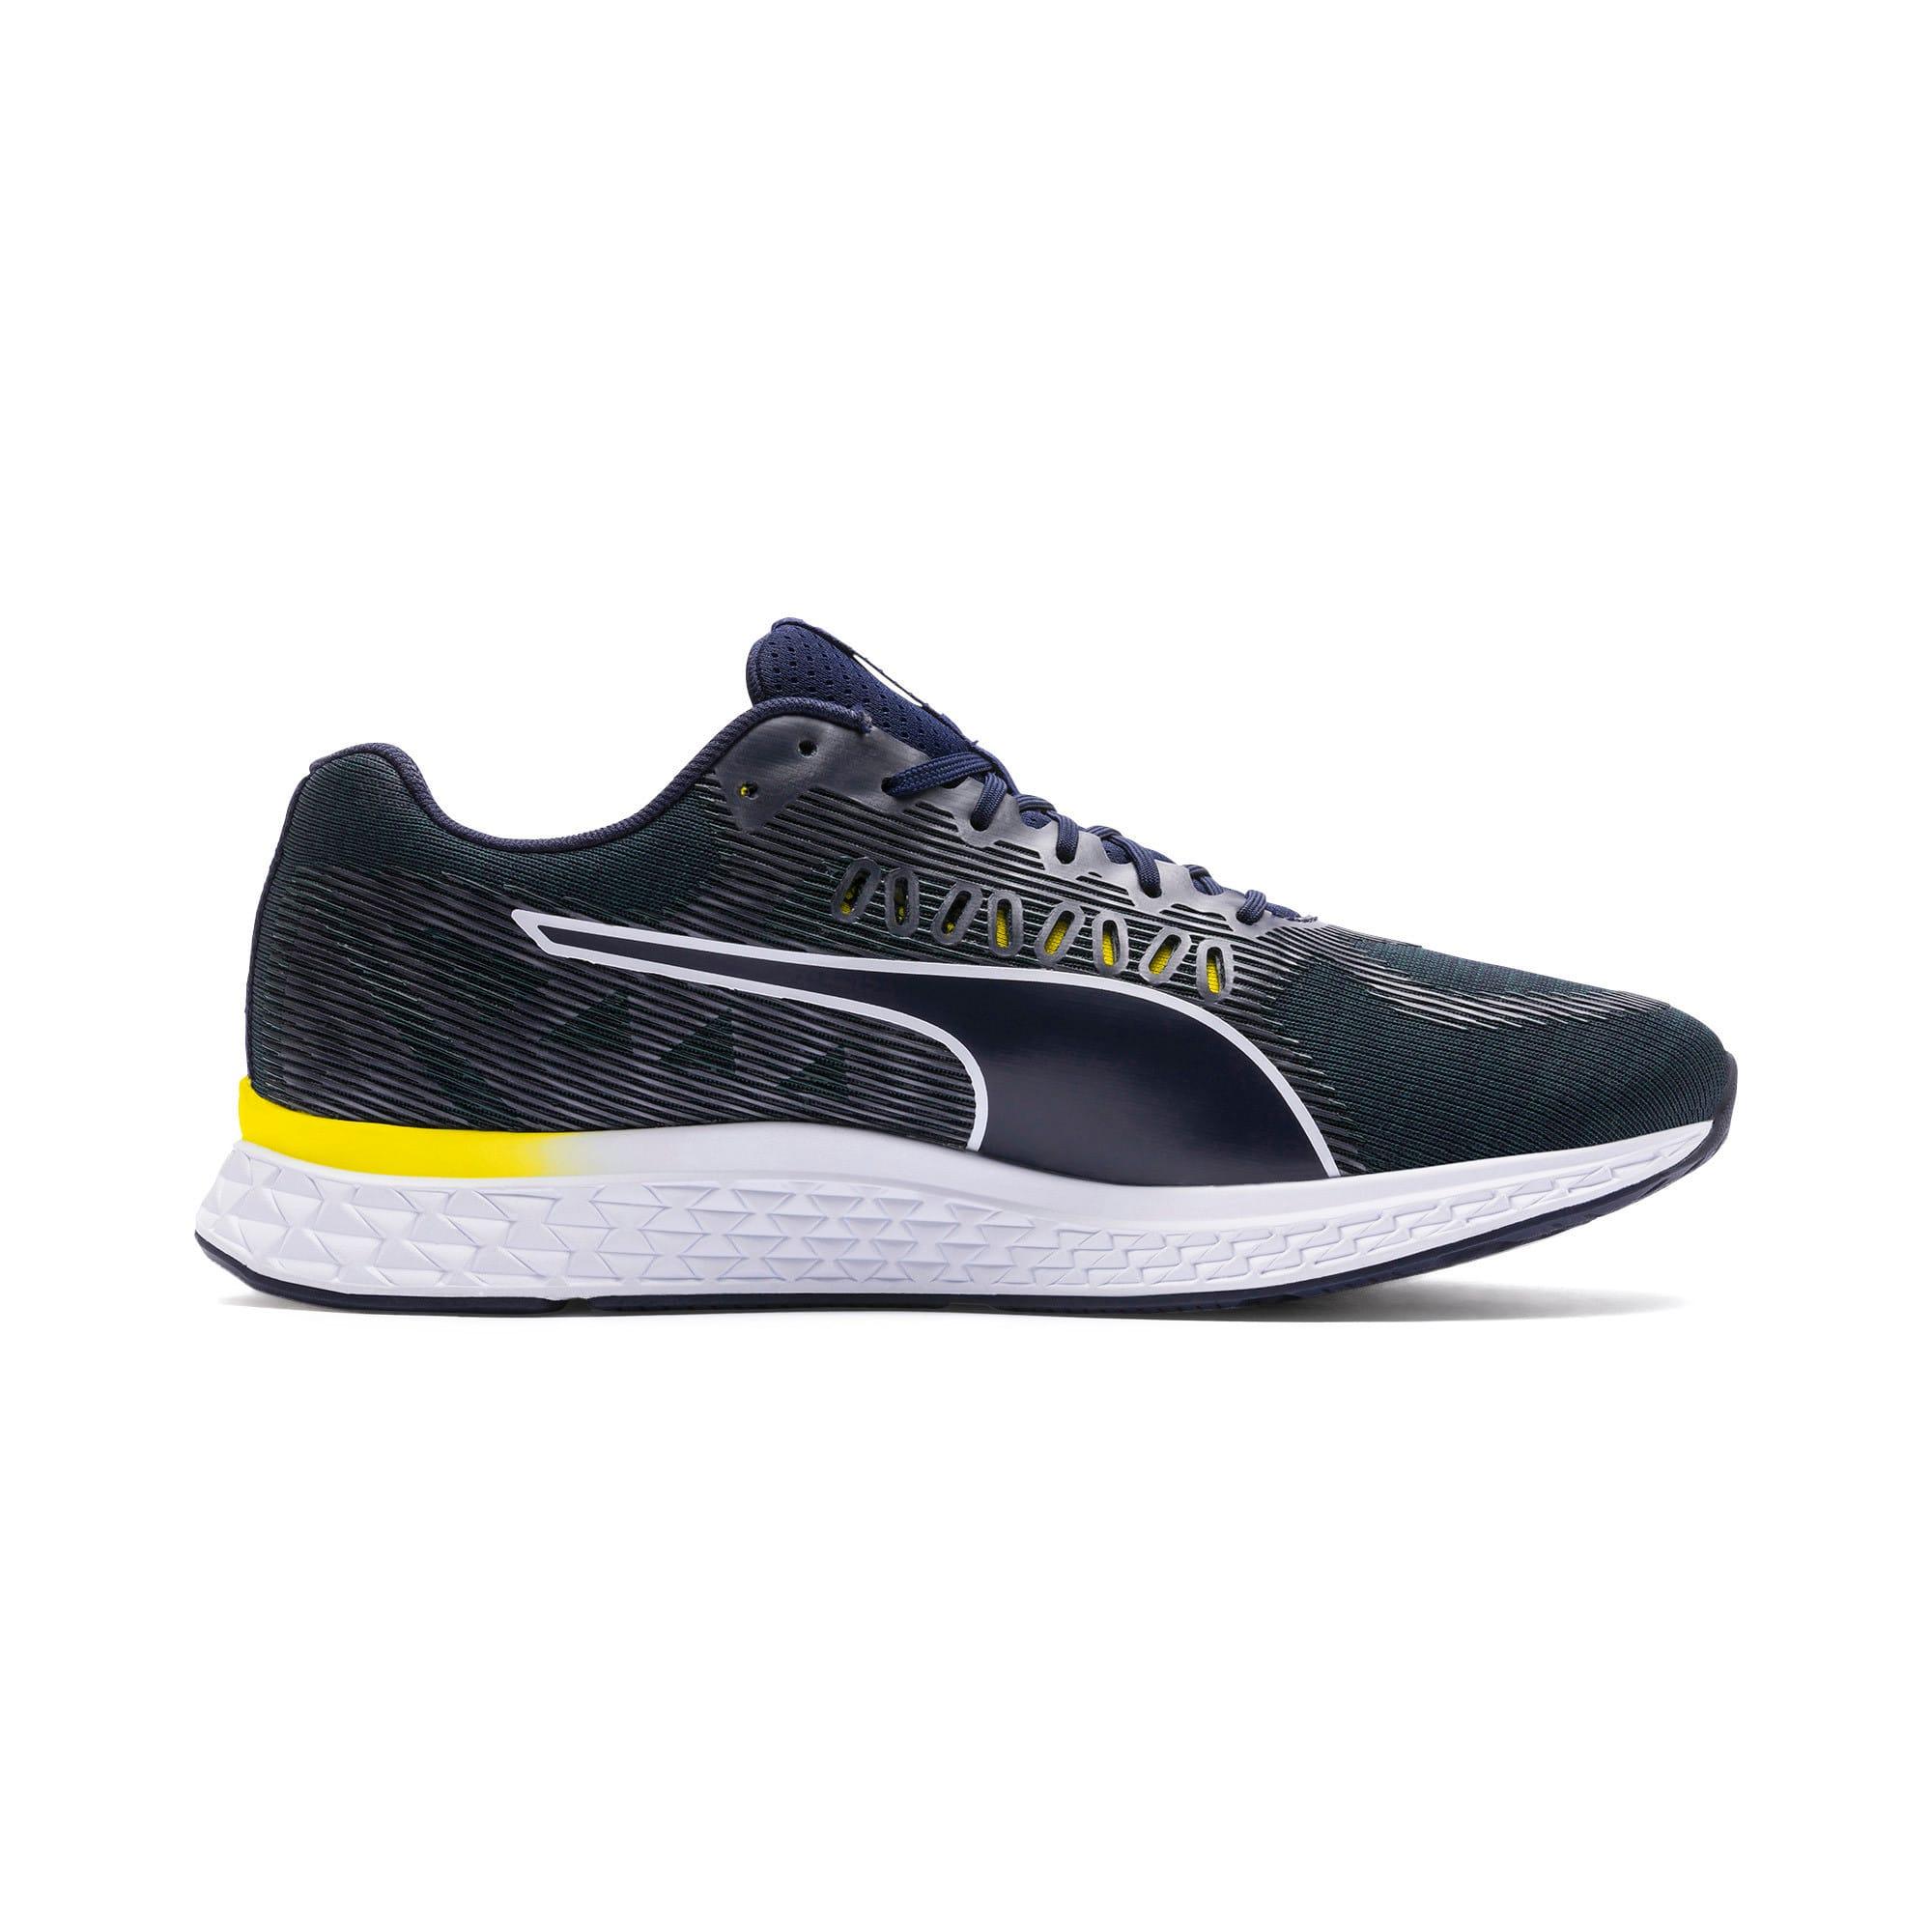 Thumbnail 5 of SPEED SUTAMINA Running Shoes, Peacoat-Blazing Yellow-White, medium